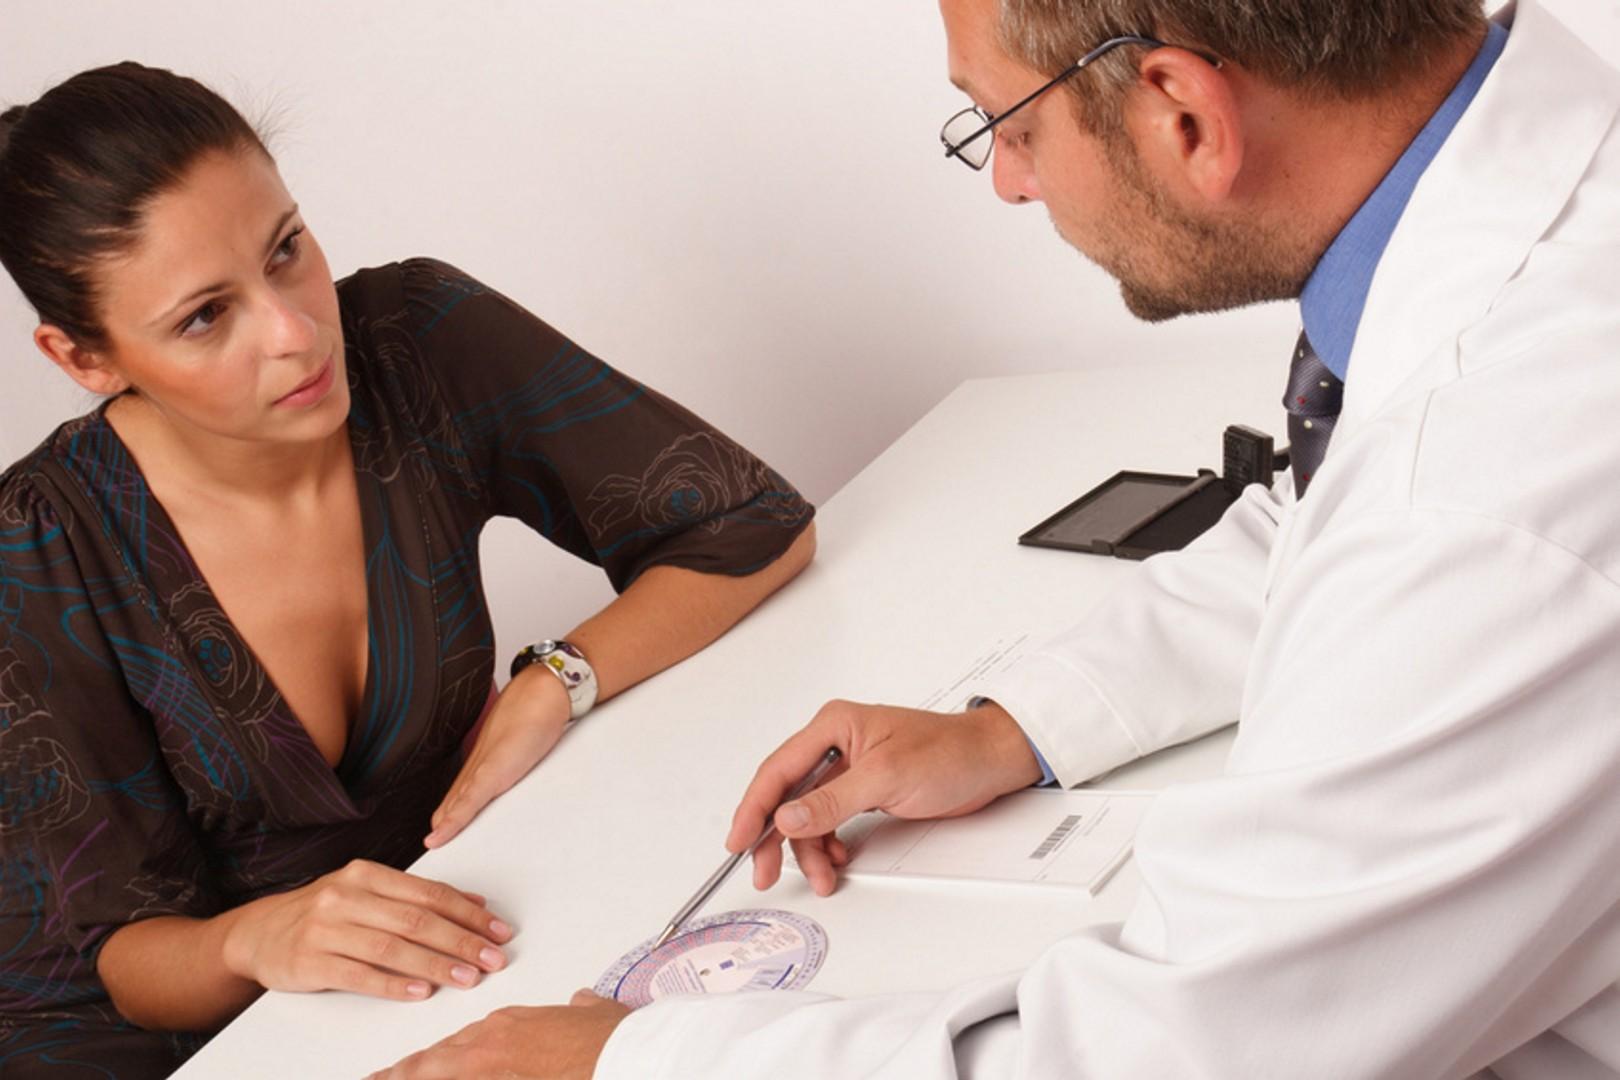 Psychologische Beratung in der Akutklinik Fachklinik Sankt Lukas